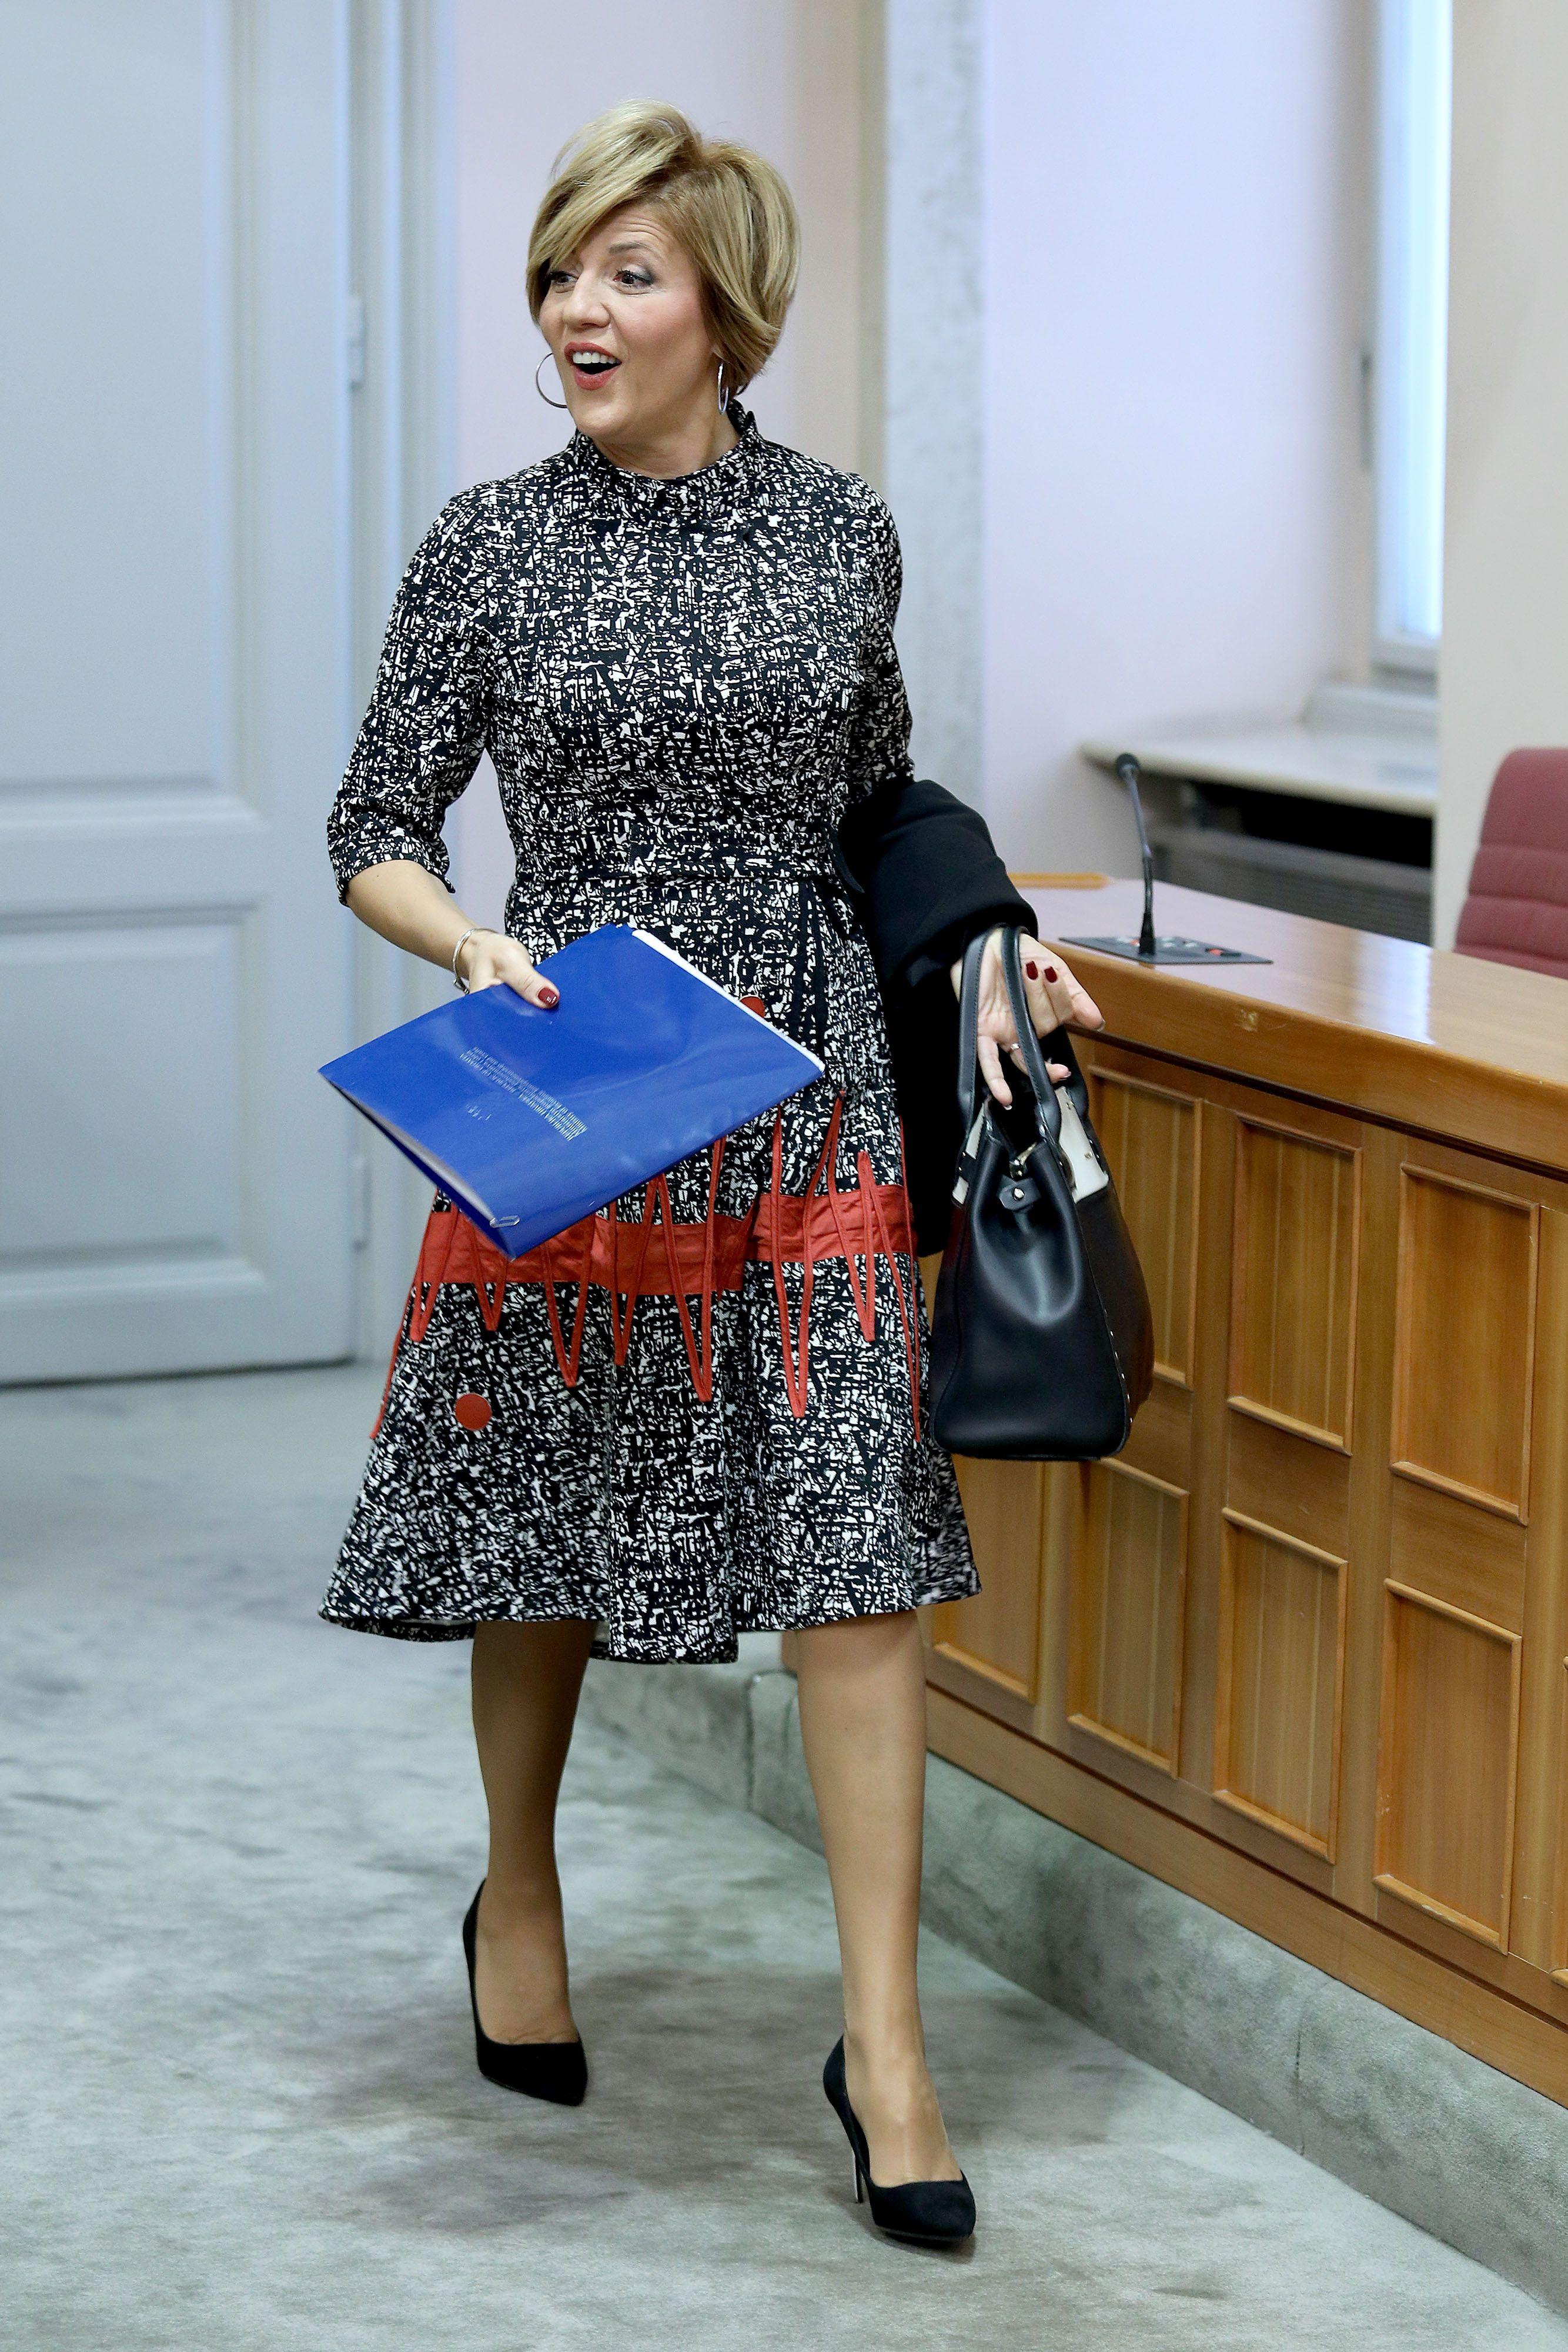 Efektna haljina za saborske klupe: Pomoćnica ministra istaknula se svojim odabirom